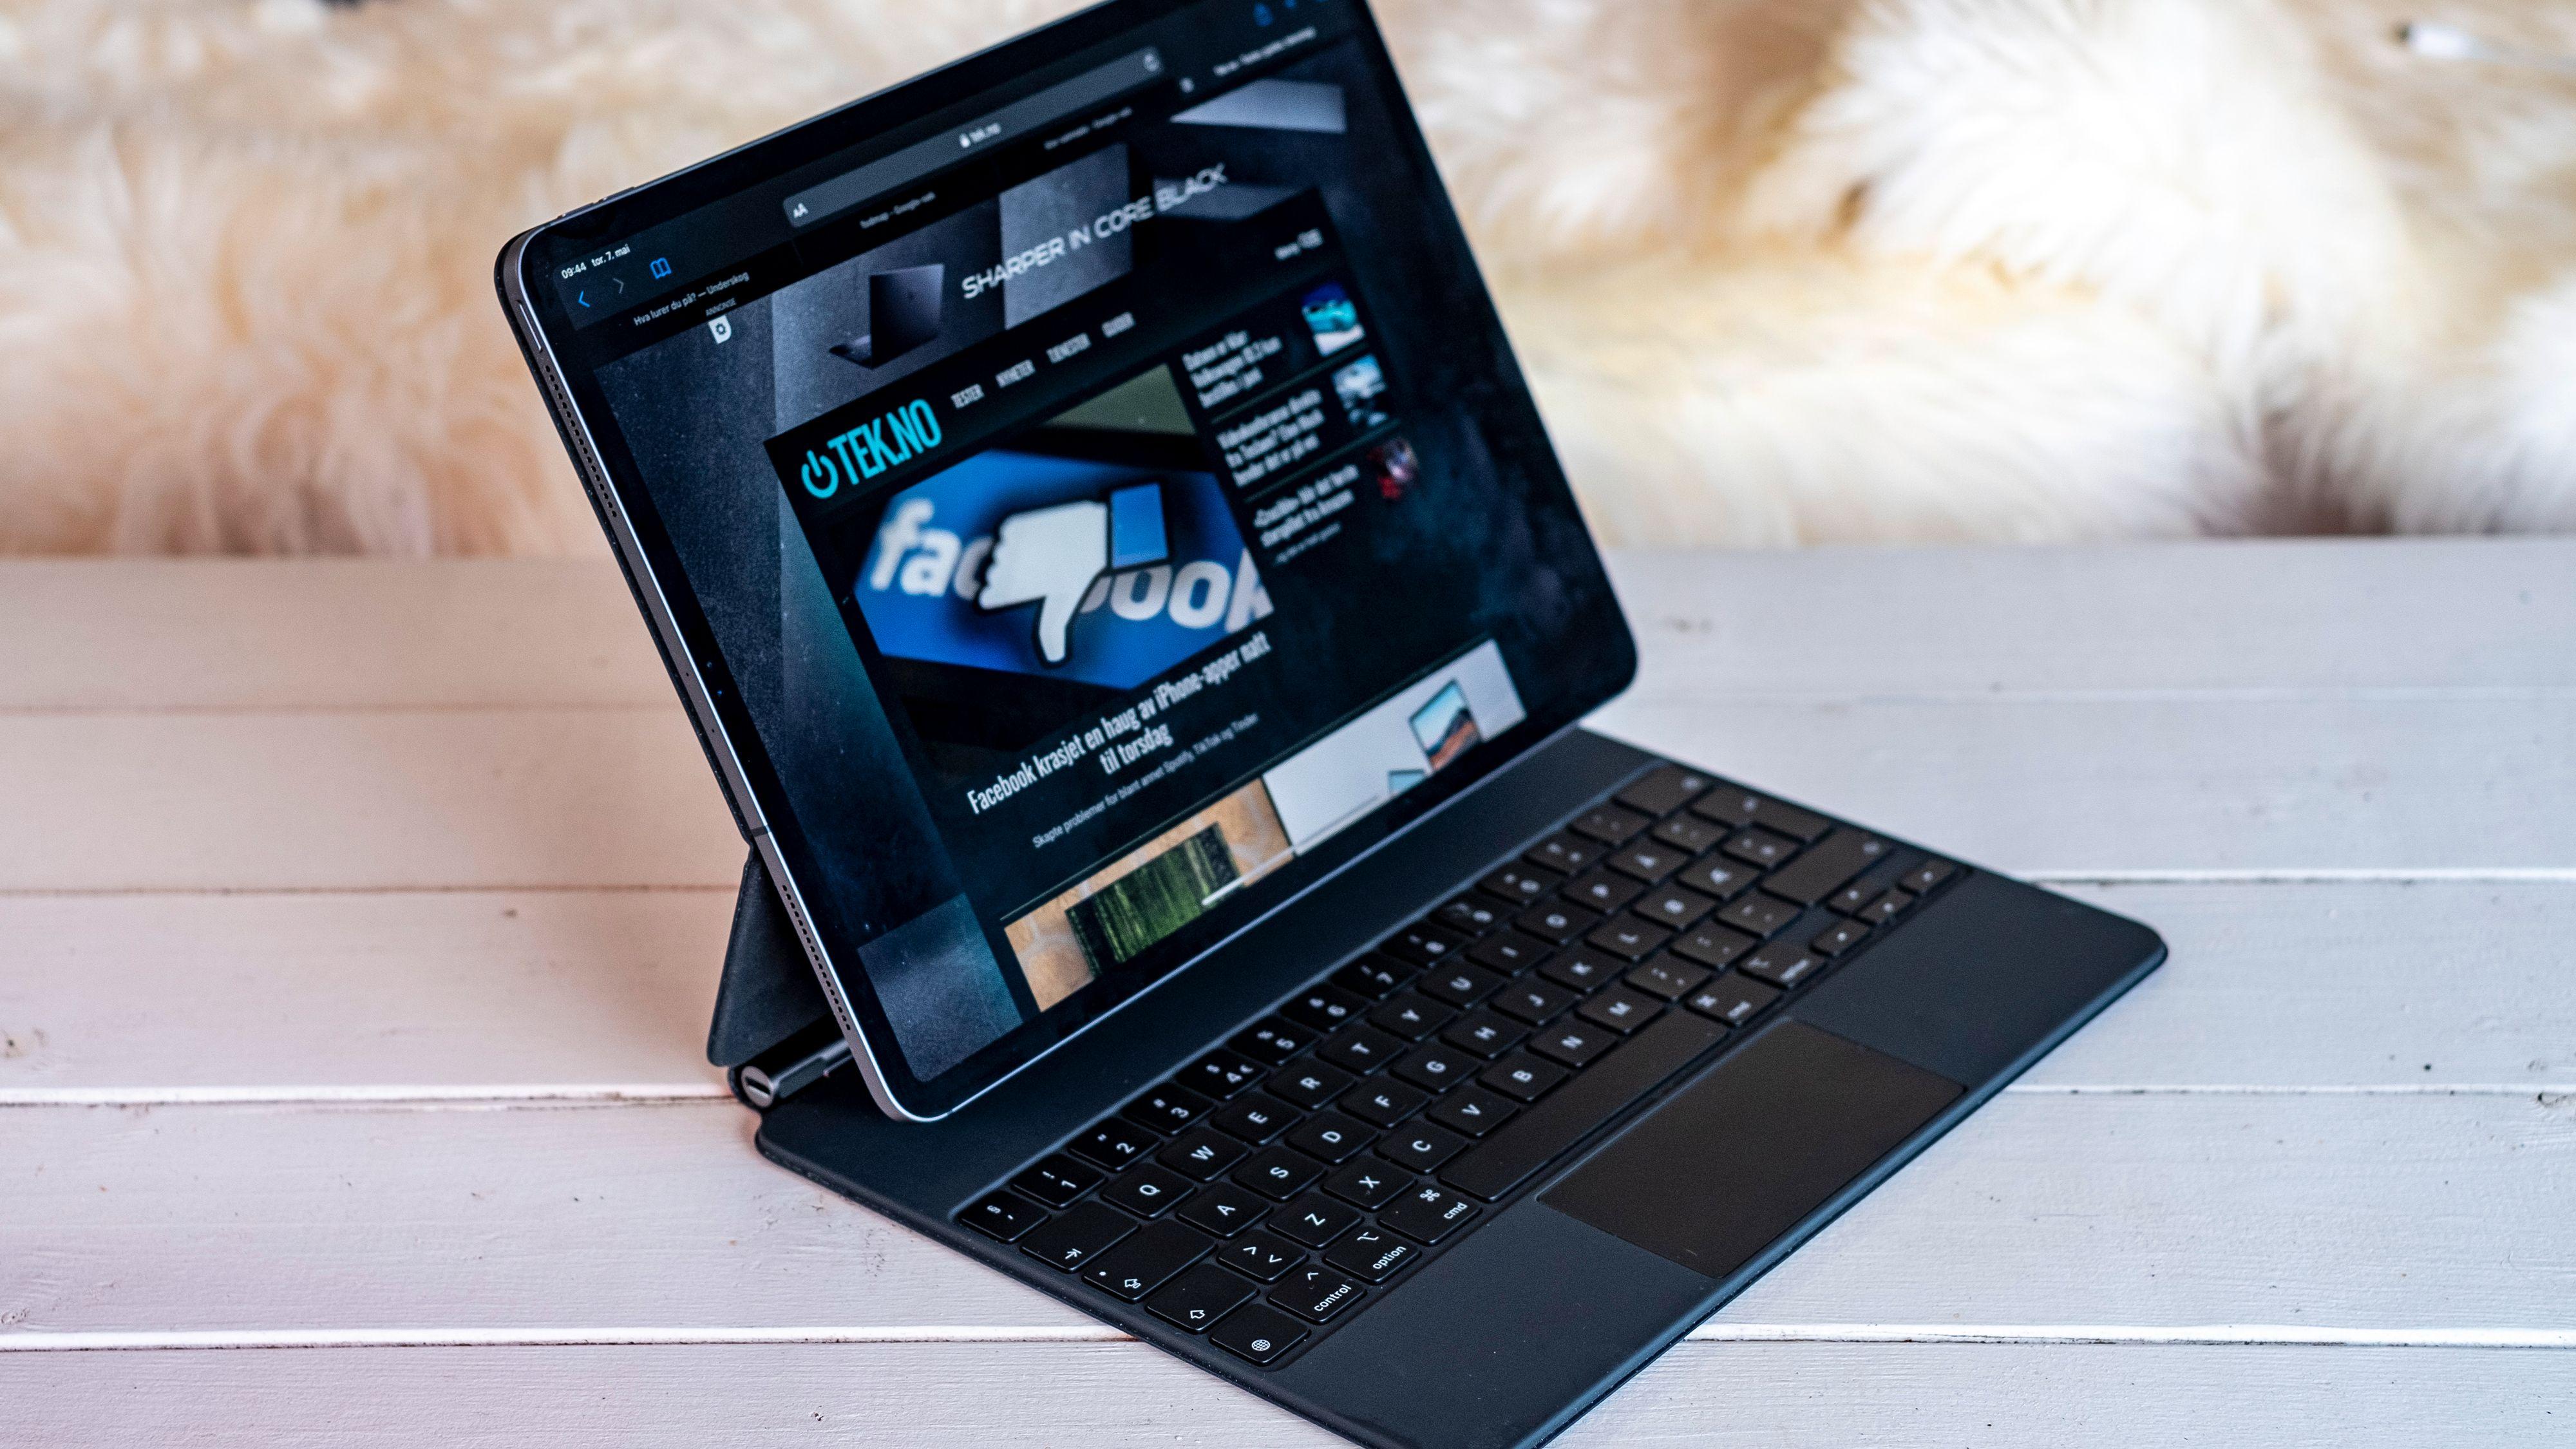 iPad Pro blir seende ut som en bitteliten iMac når den henger på Magic Keyboard - tastaturet koster hele 4.400 kroner.